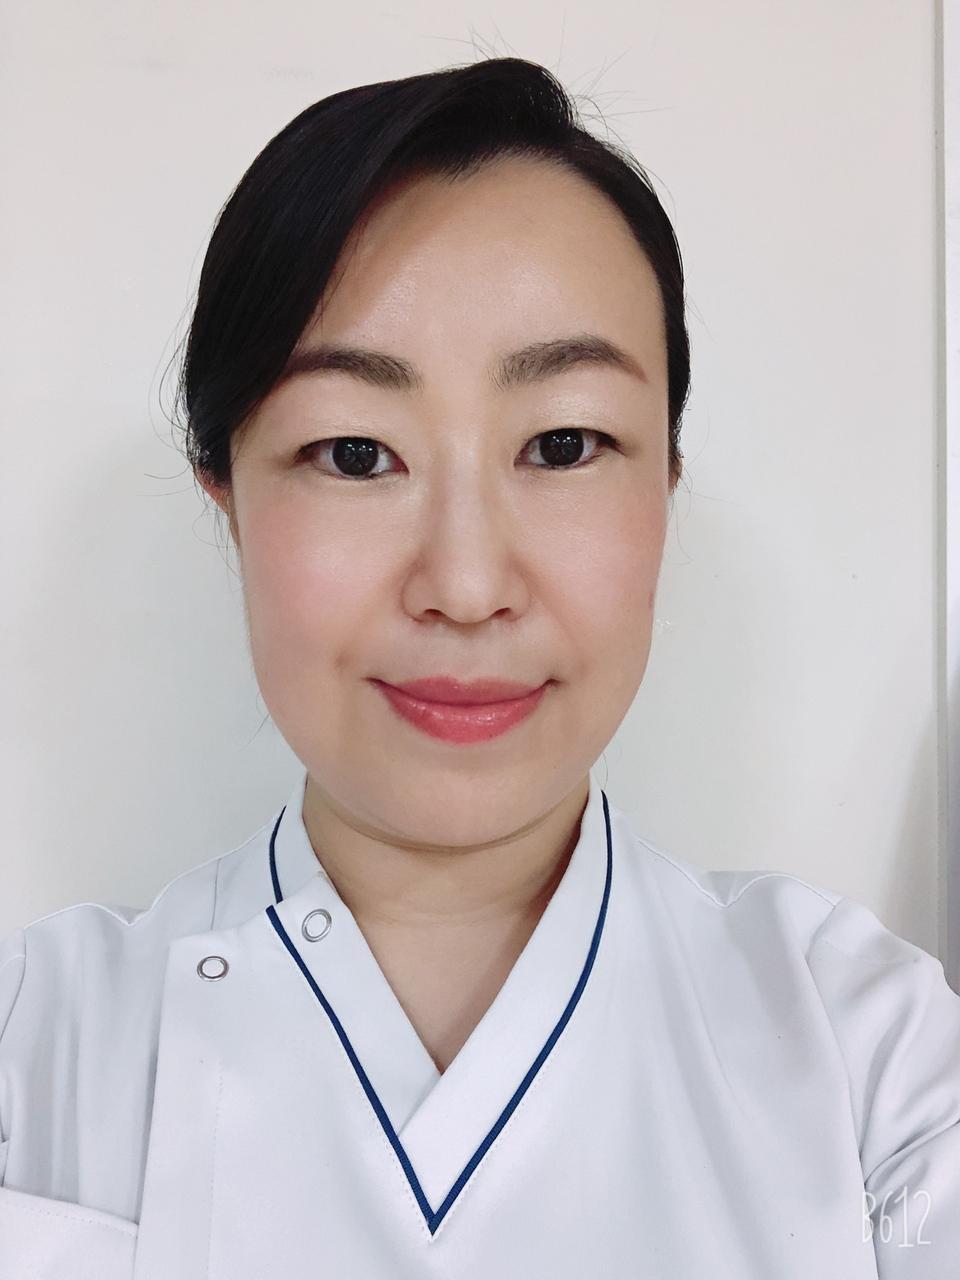 日本グリーフ専門士協会認定 グリーフカウンセラー 谷合智美